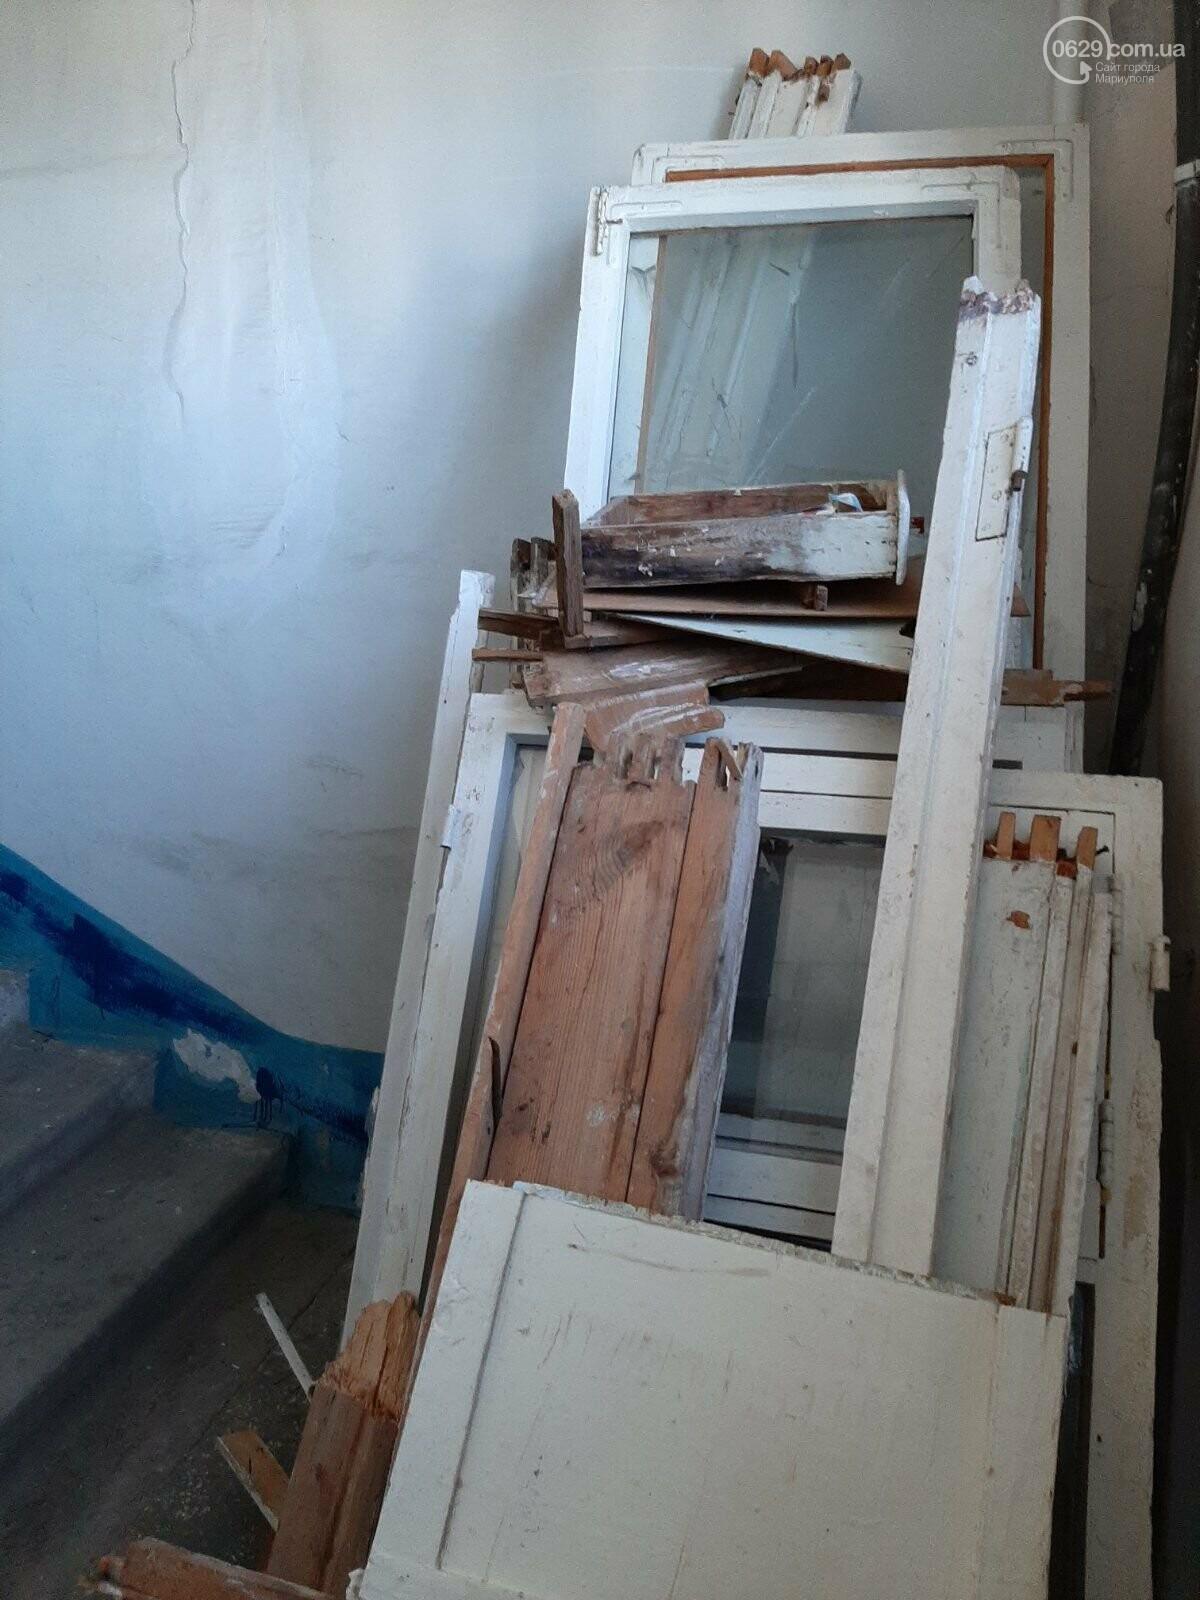 В многоэтажке на Левобережье таинственные жильцы устроили свалку на лестничной площадке, - ФОТОФАКТ, фото-3